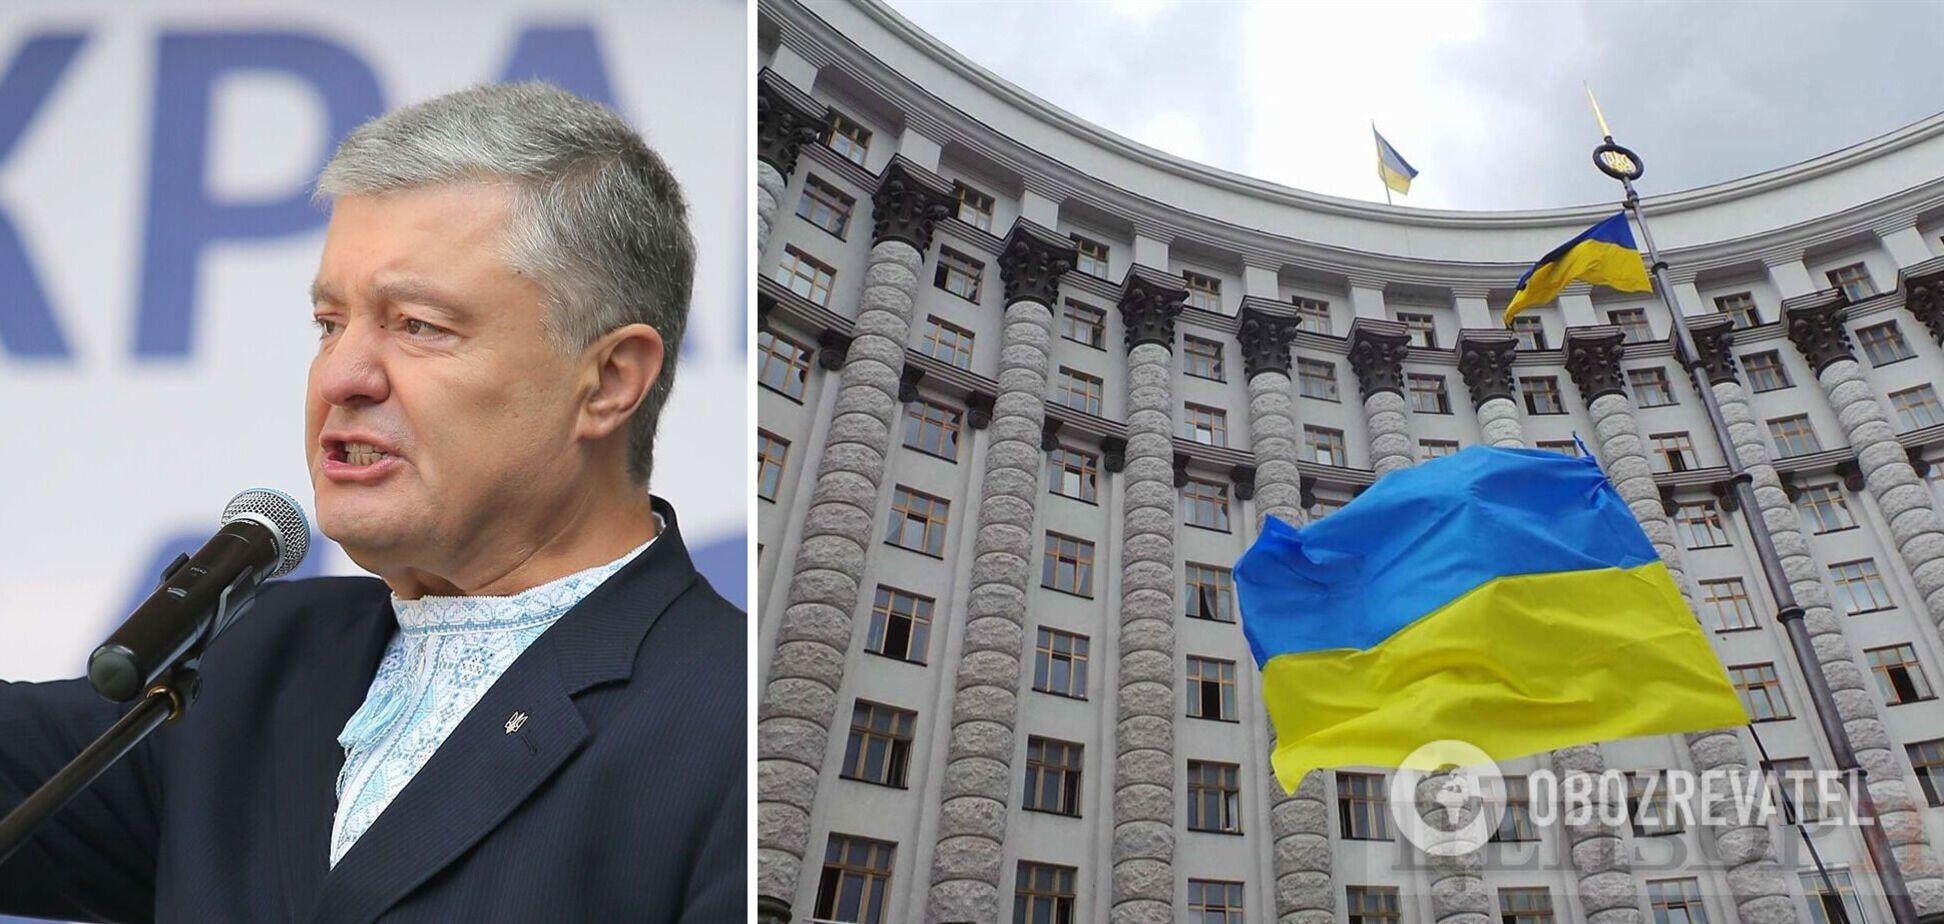 Порошенко: уряд має відзвітувати через скорочення субсидій та зростання цін в Україні